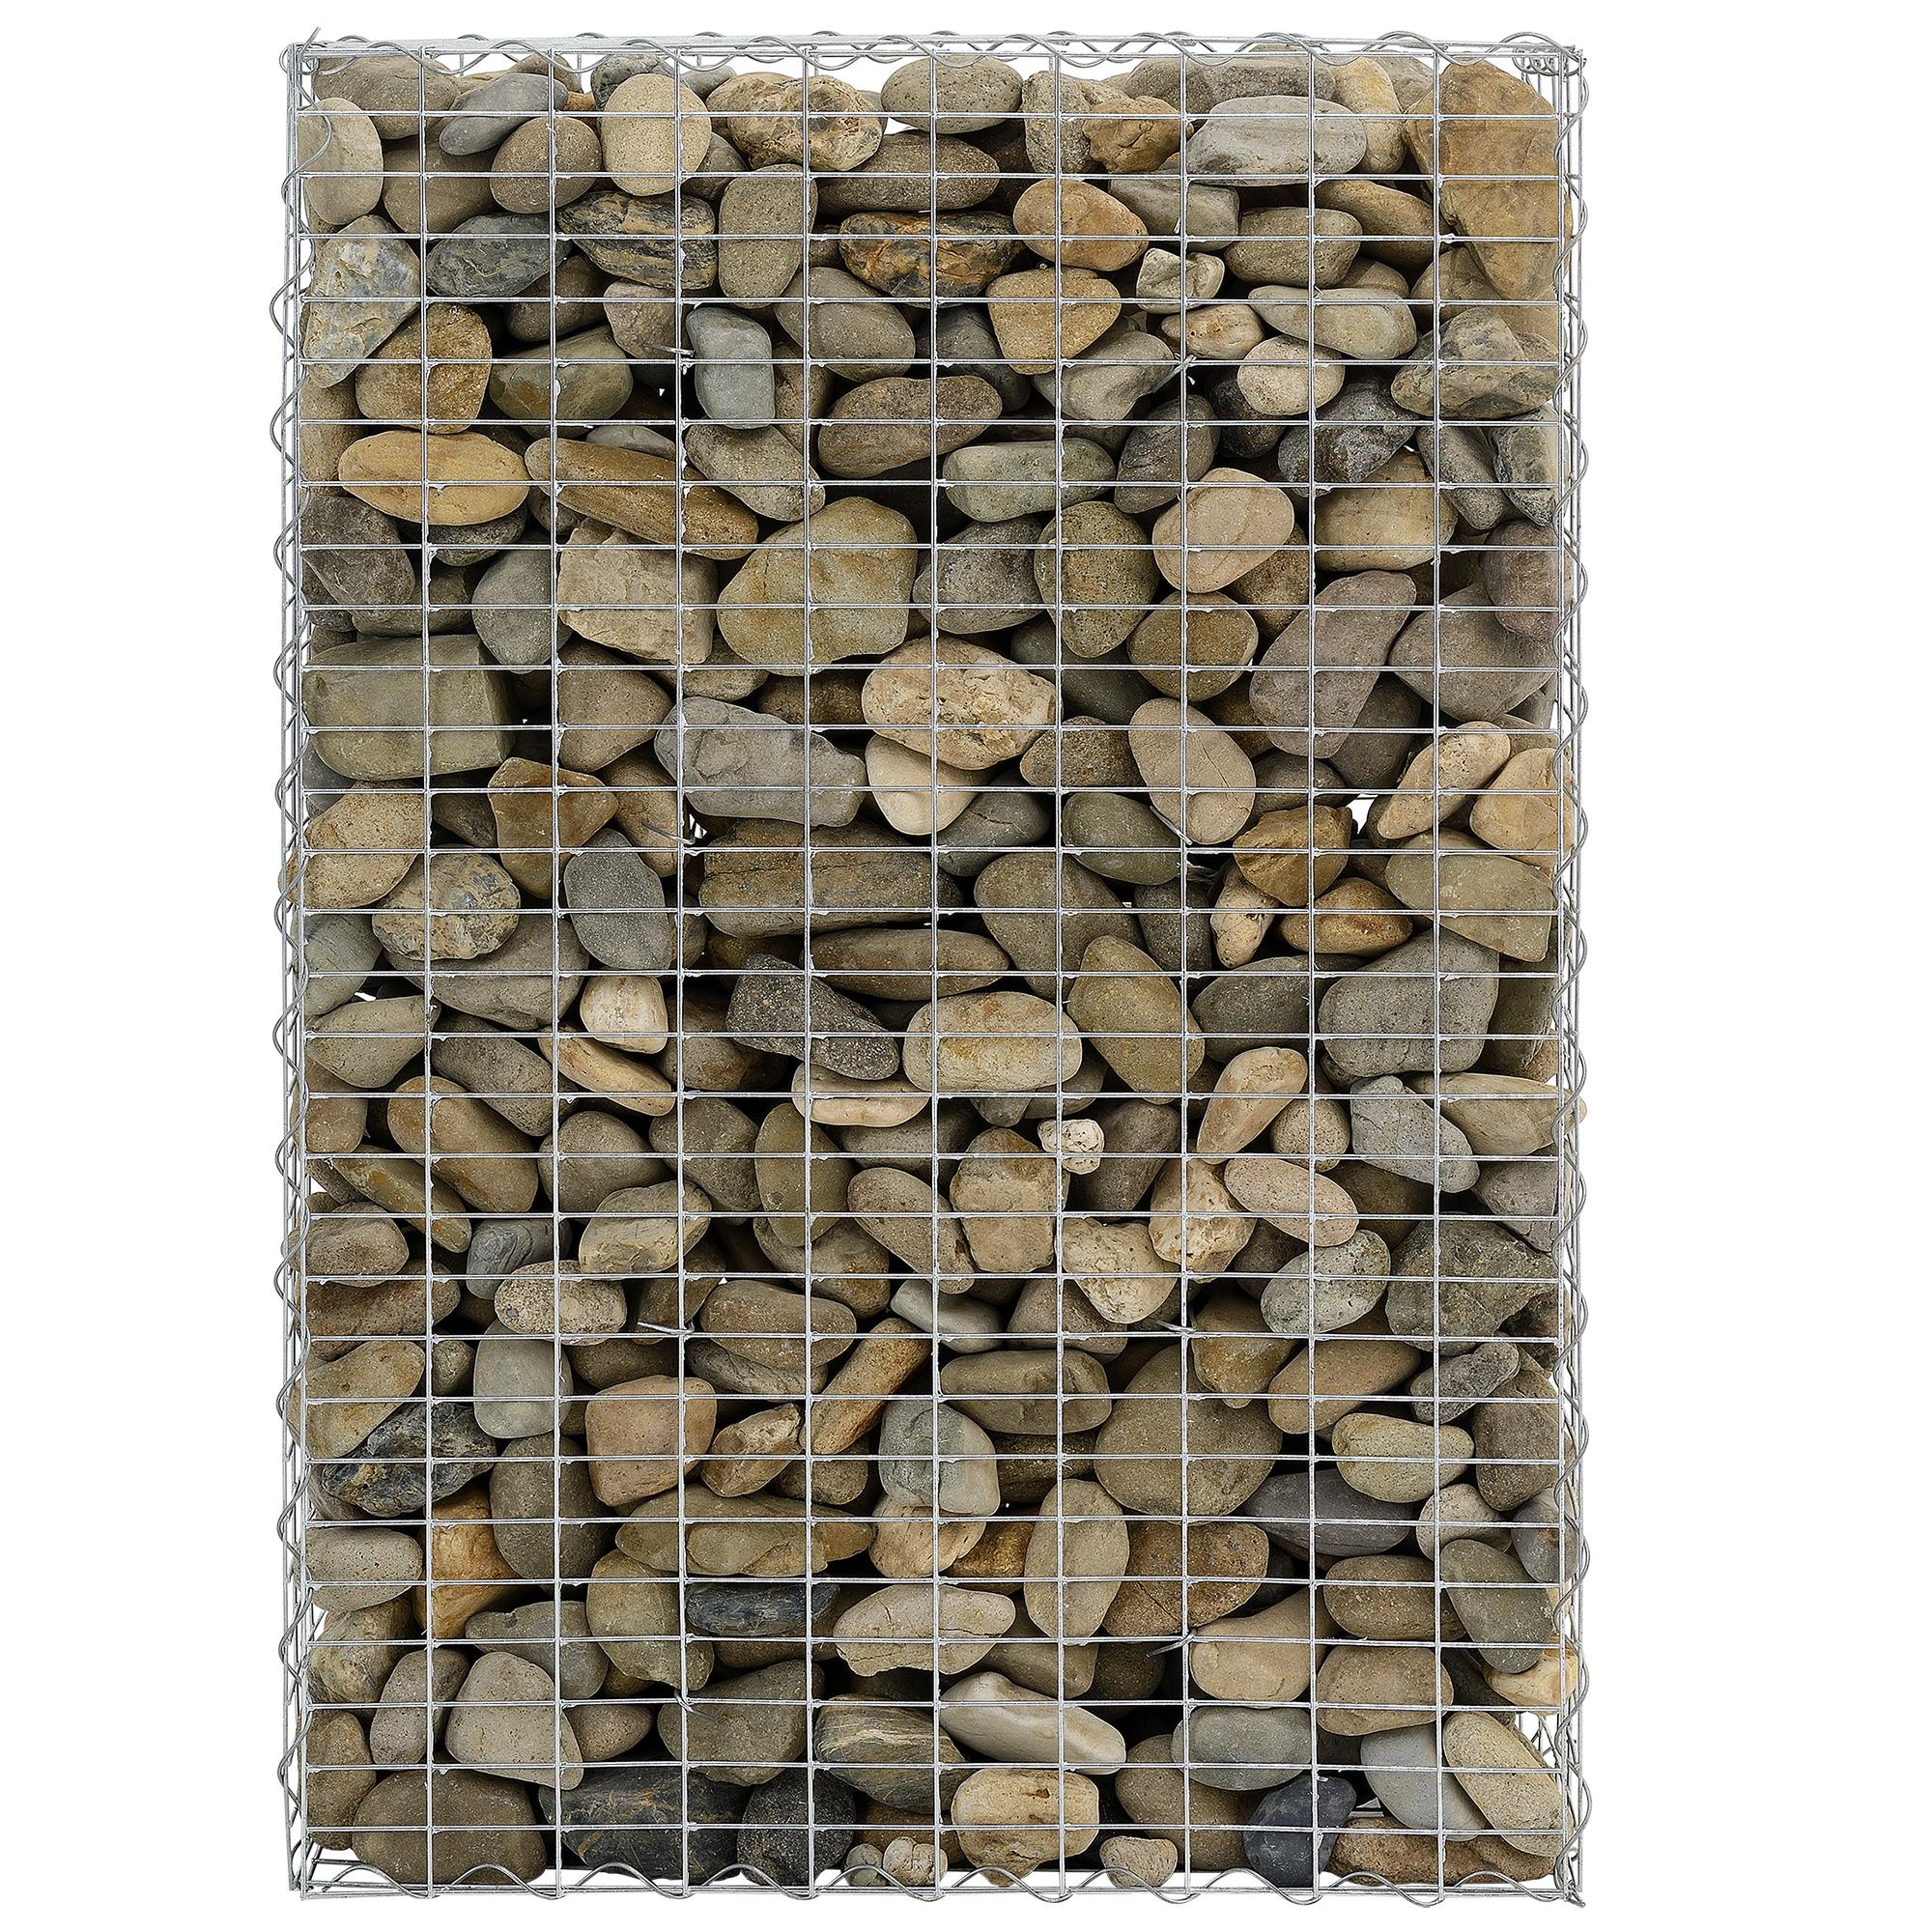 gabione 150x100x30cm steingabione steinkorb mauer wand drahtkorb stein gabionen 4260264778848 ebay. Black Bedroom Furniture Sets. Home Design Ideas